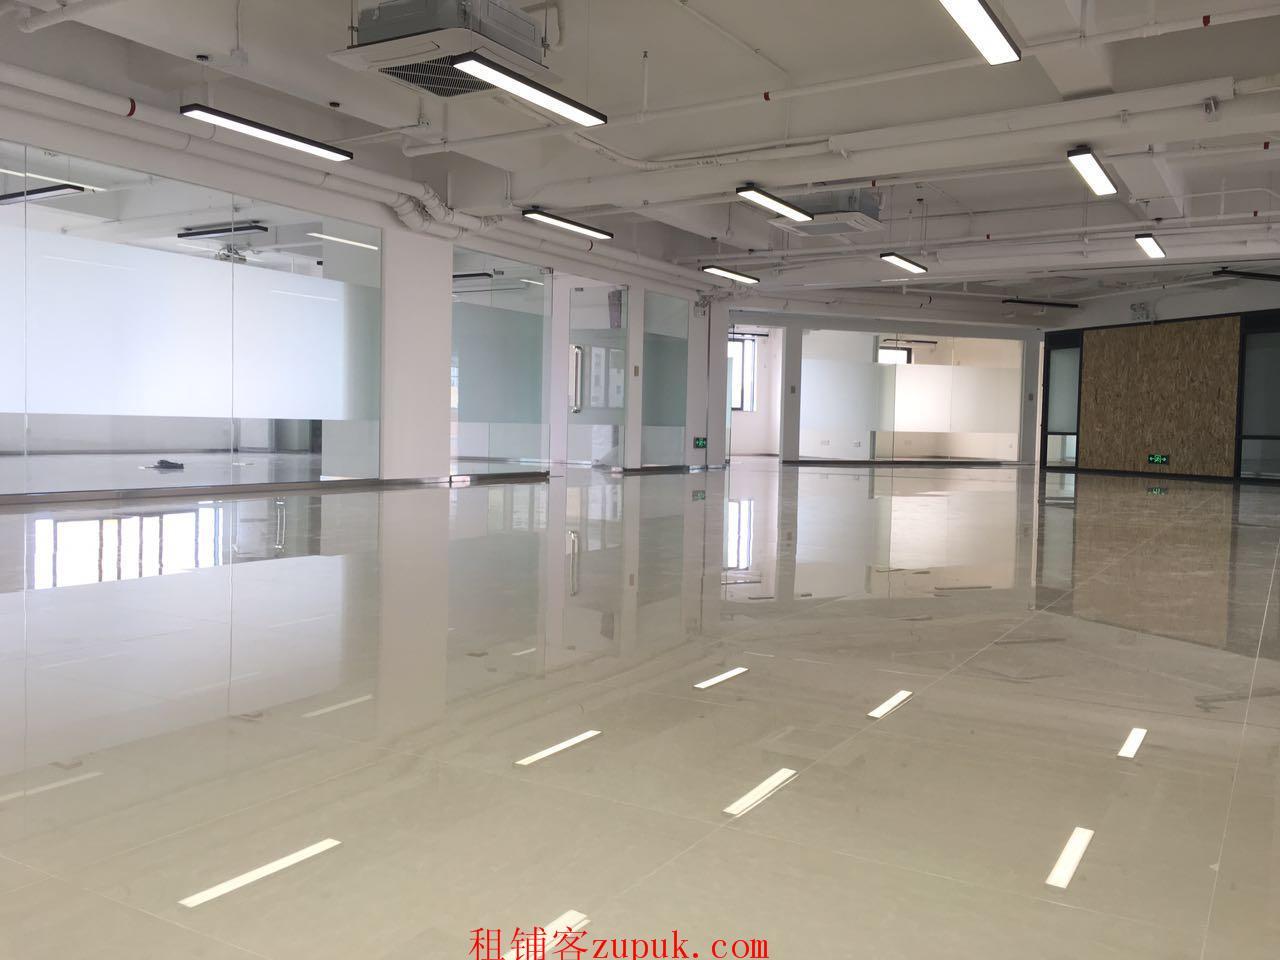 番禺广场 侨城中学旁2千方毛坯写字楼出租 可灵活租用面积